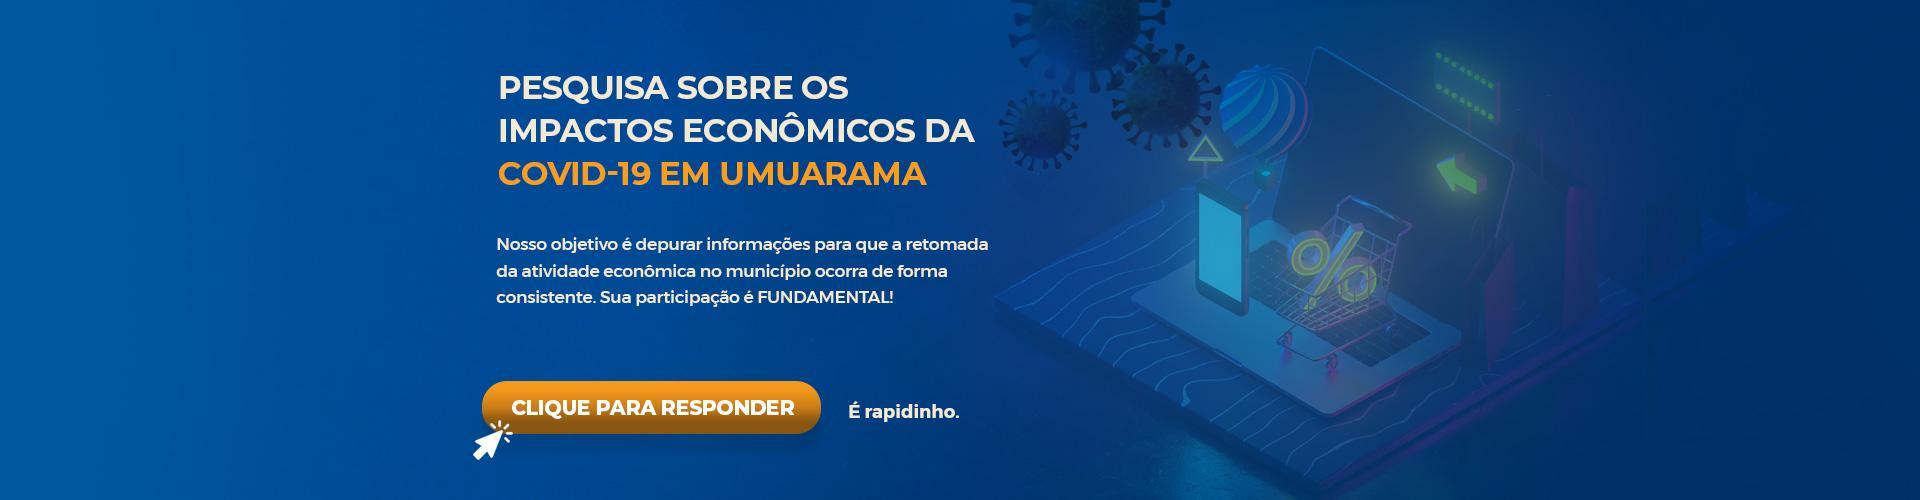 Pesquisa sobre os Impactos Econômicos da COVID-19 em Umuarama